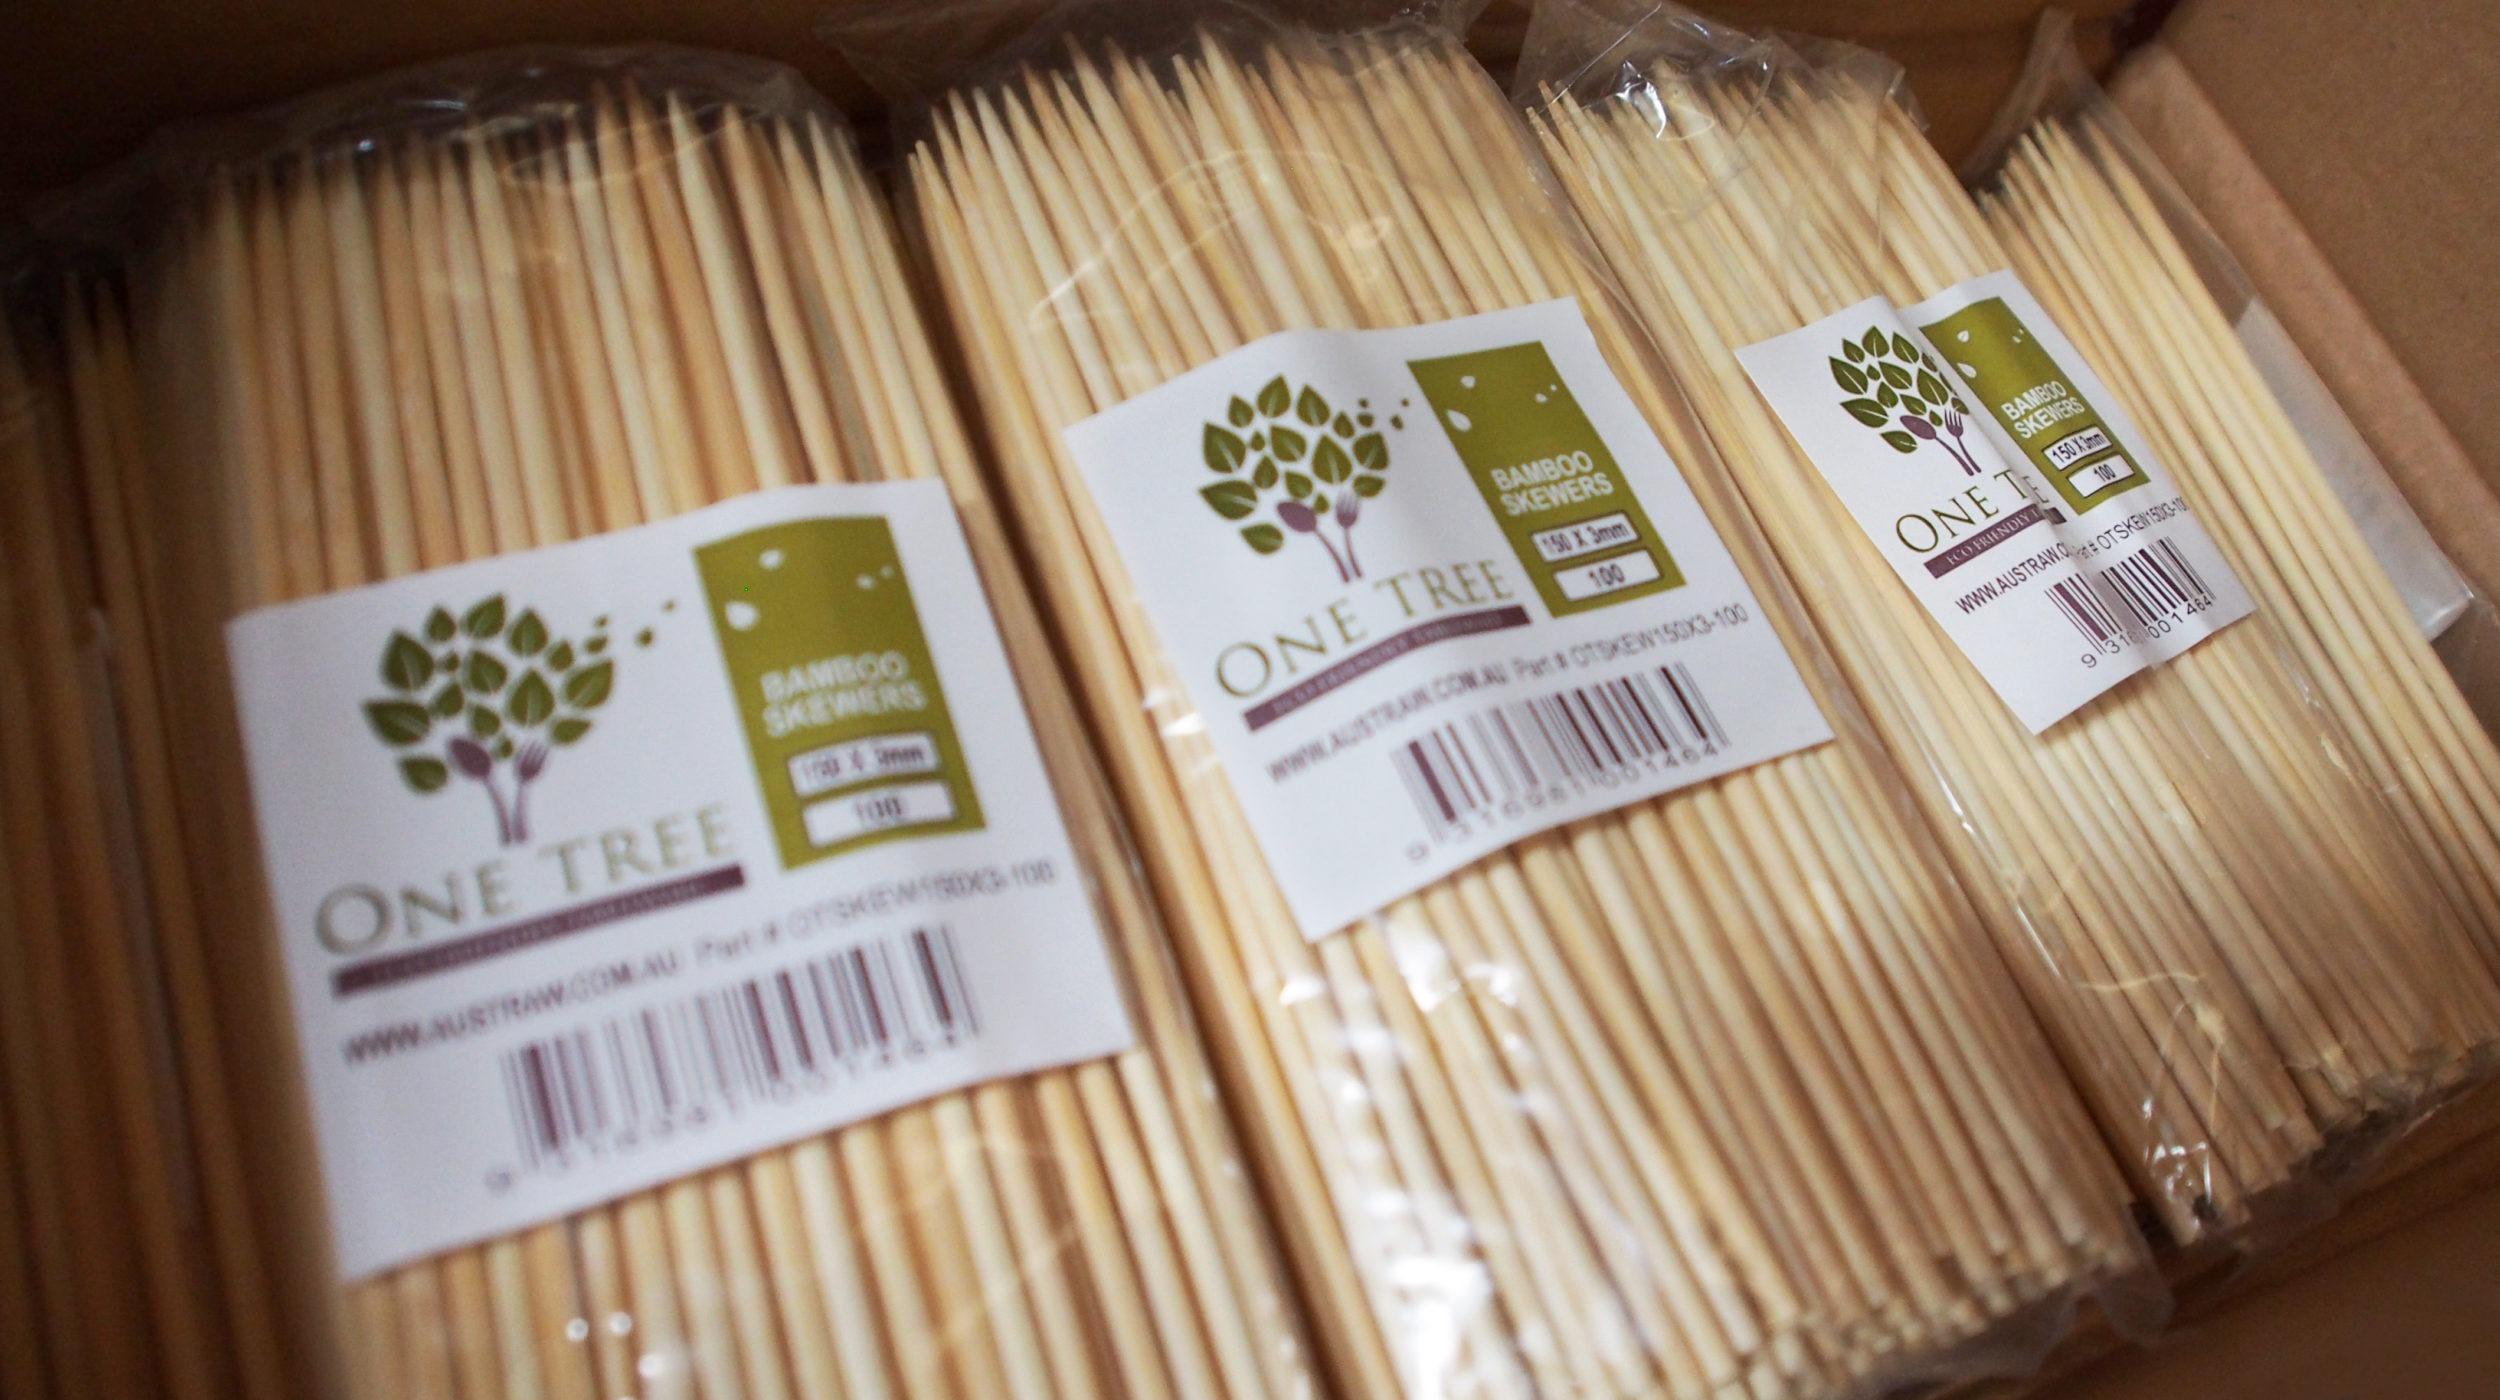 One Tree bamboo skewers packaging